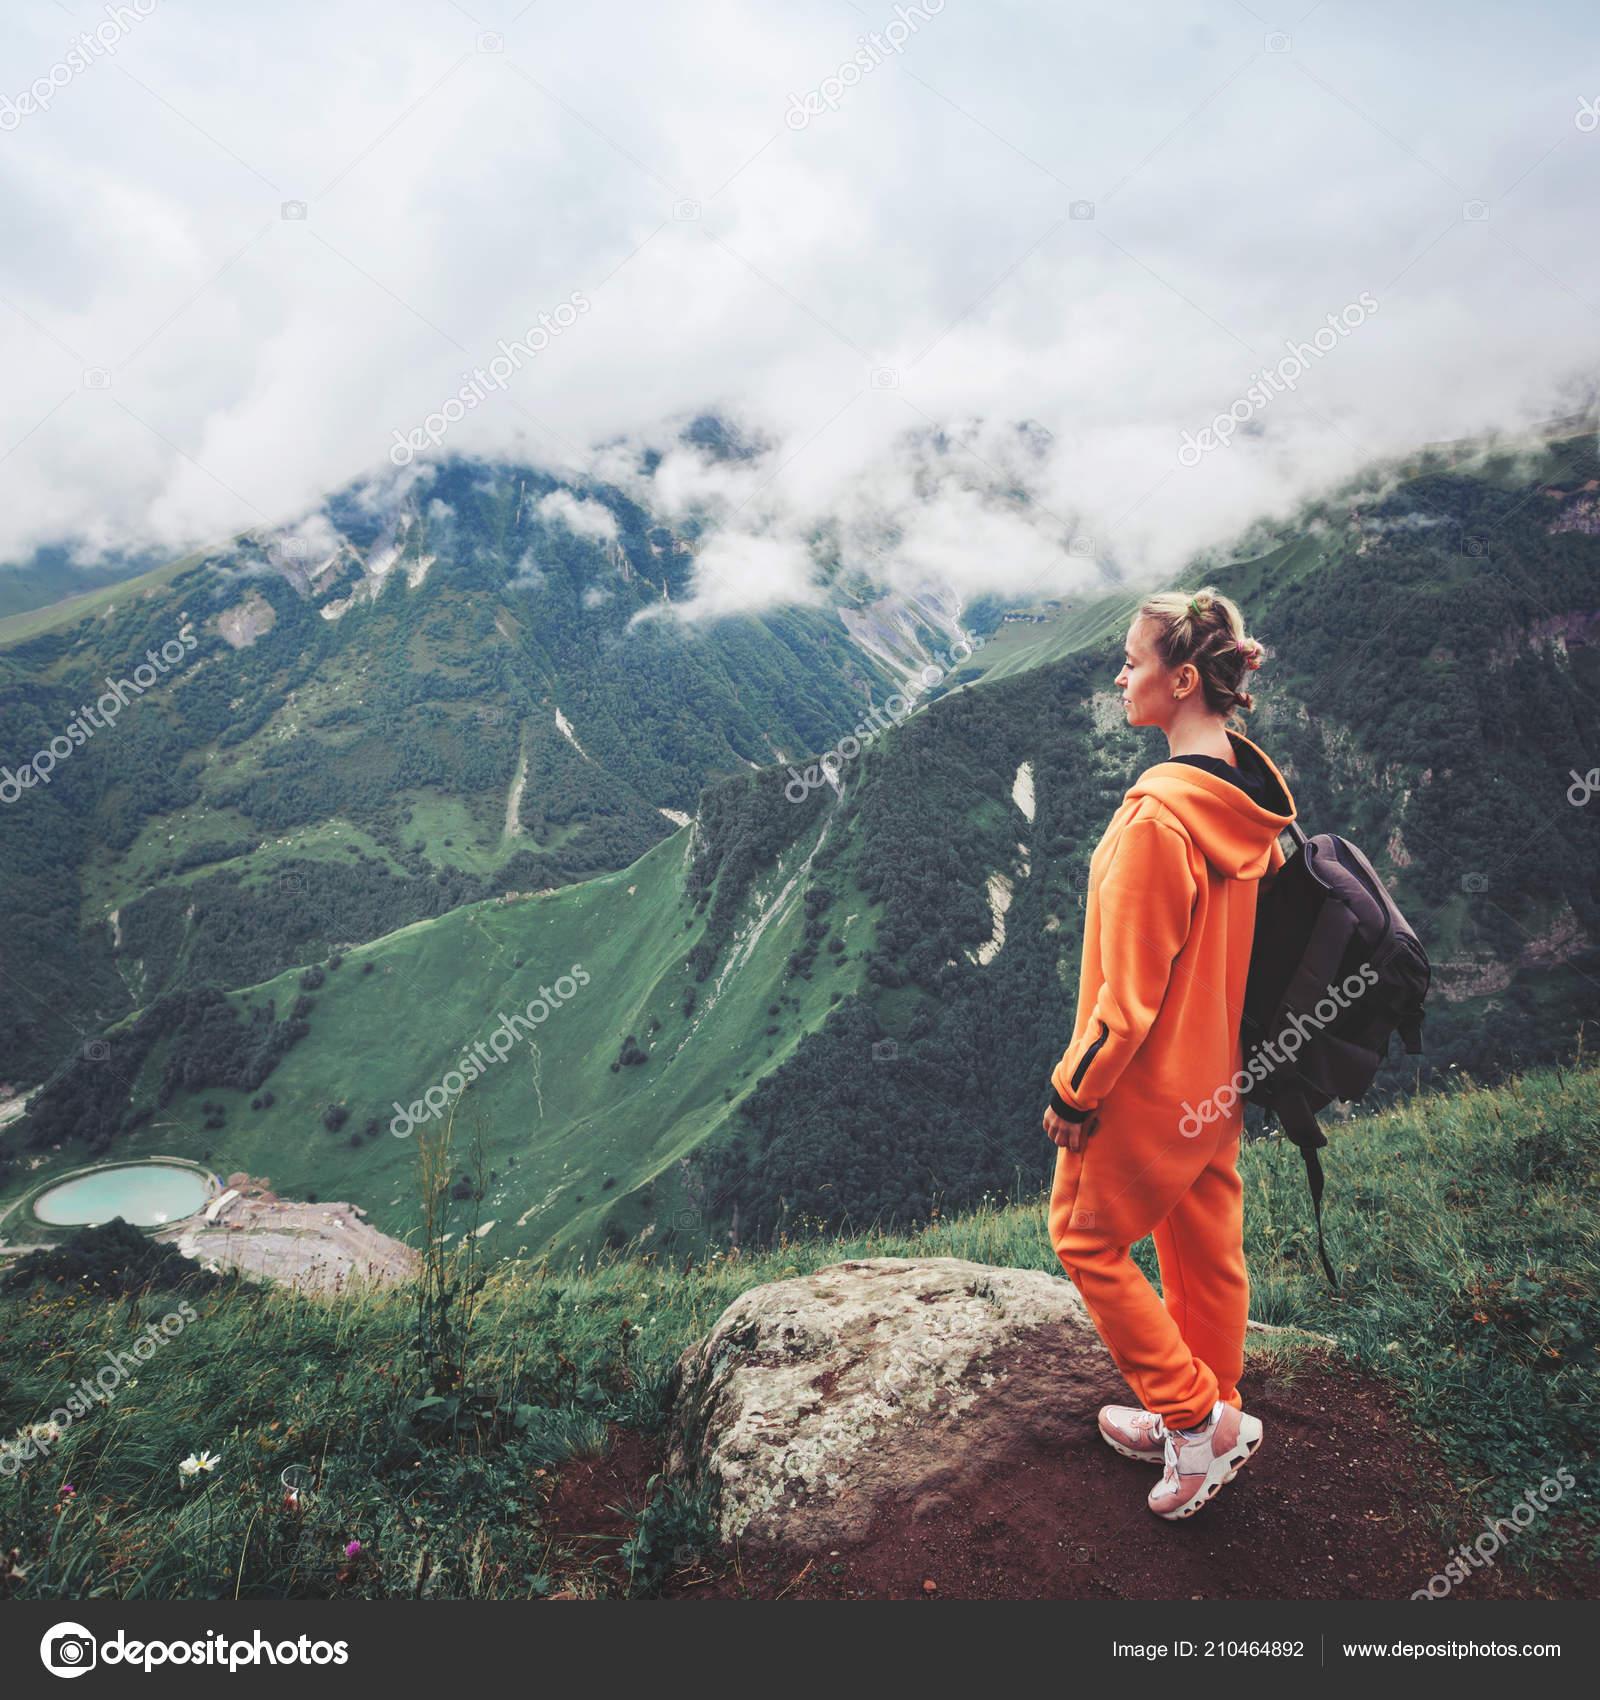 Montaña Cima Turismo Hombre Mujer Con Mochila qSzMVpGU